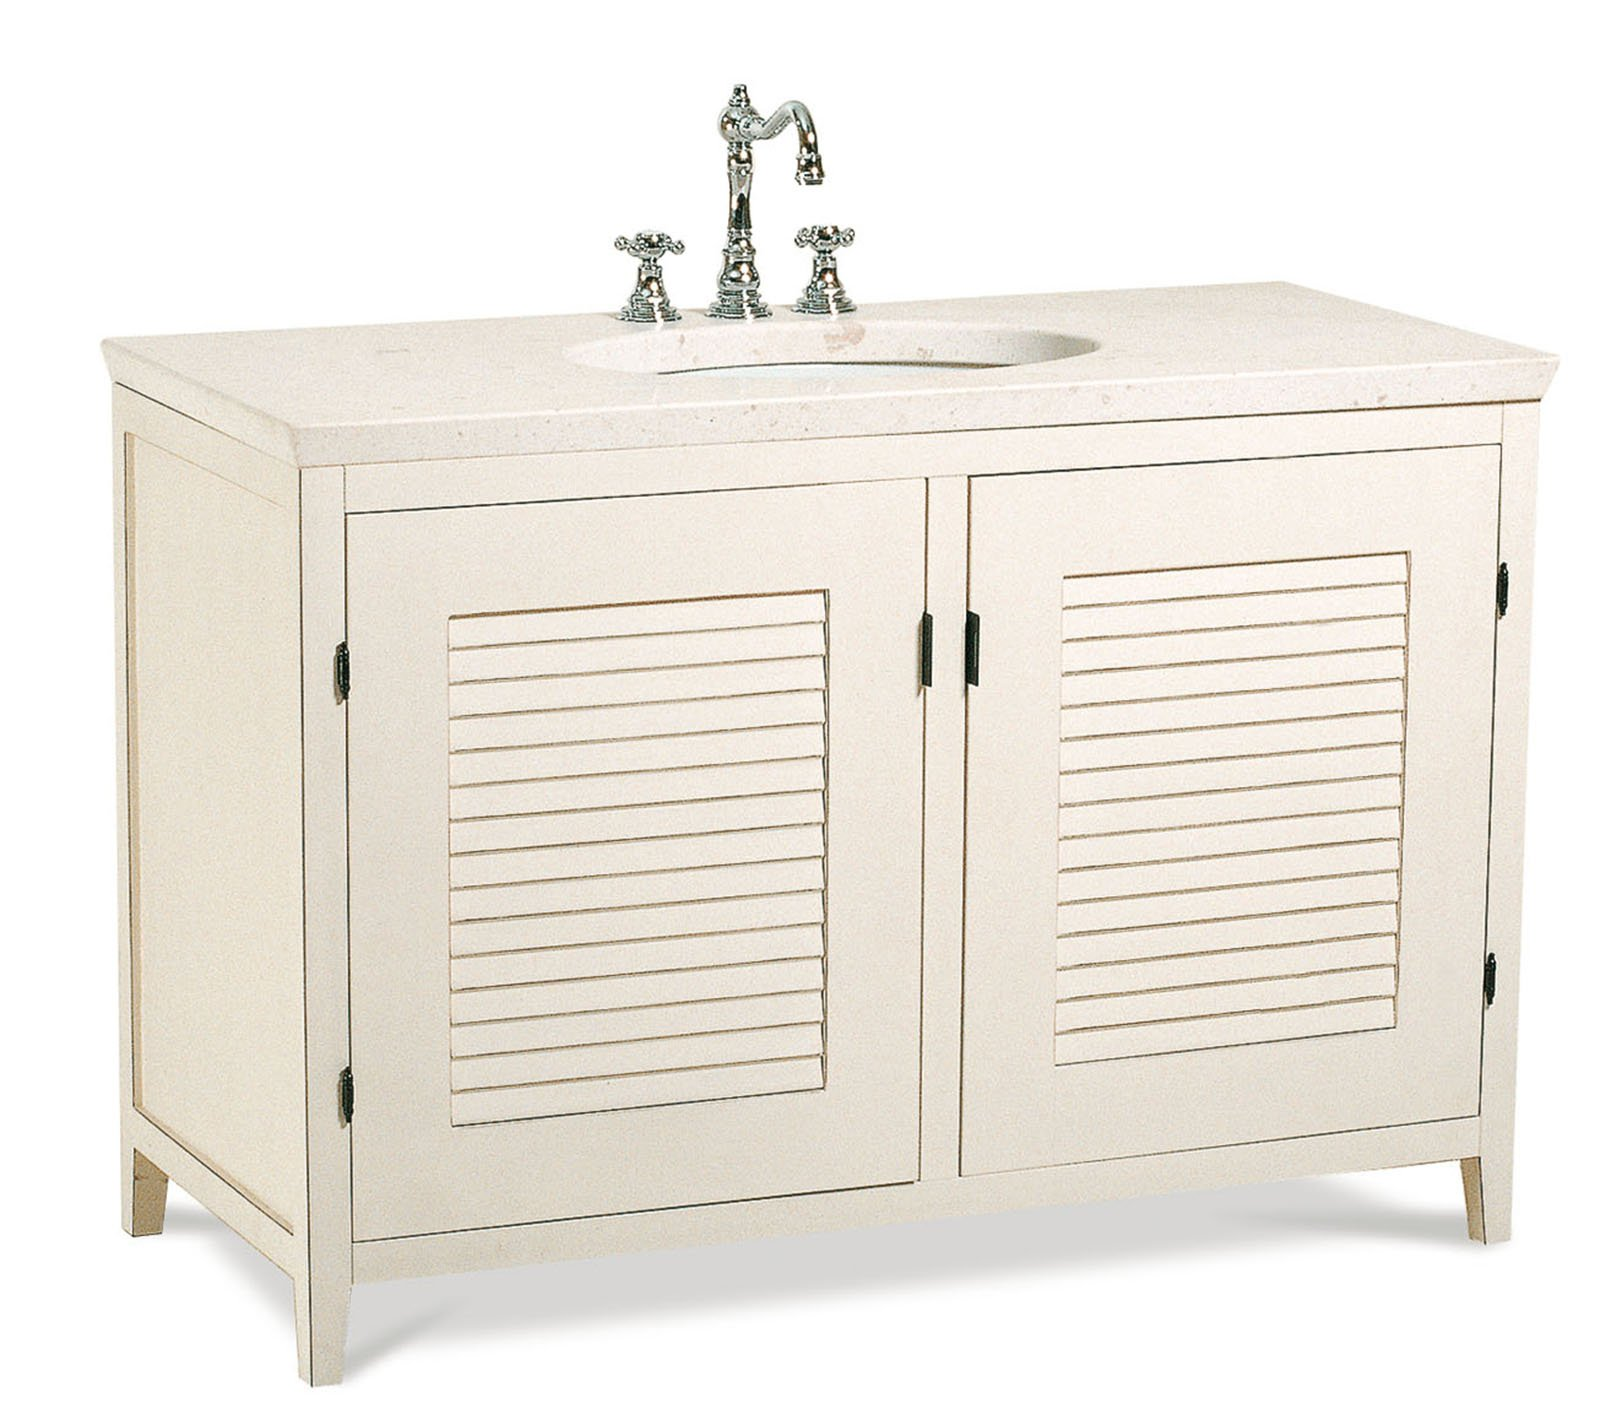 ciro di cantori un mobile bagno con la struttura in legno massello laccato panna il top in pregiato marmo galizia capri e il lavello in ceramica